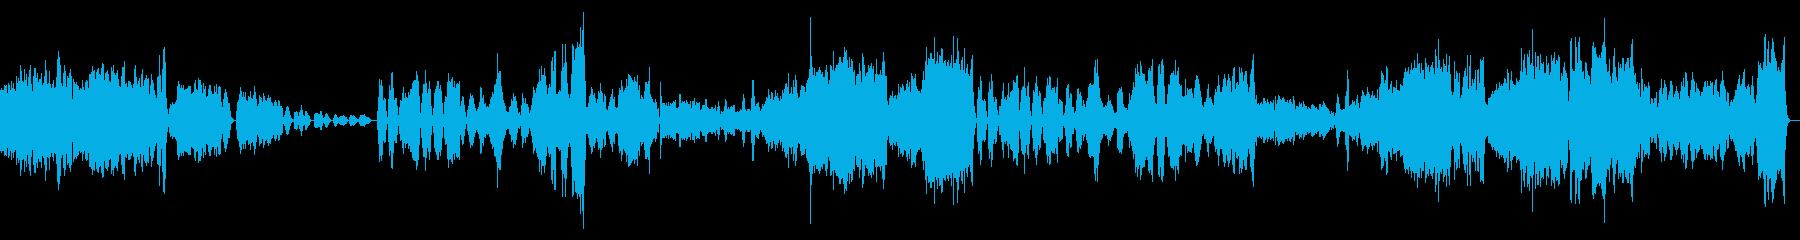 絶望感のあるクラシック『弦楽セレナーデ』の再生済みの波形